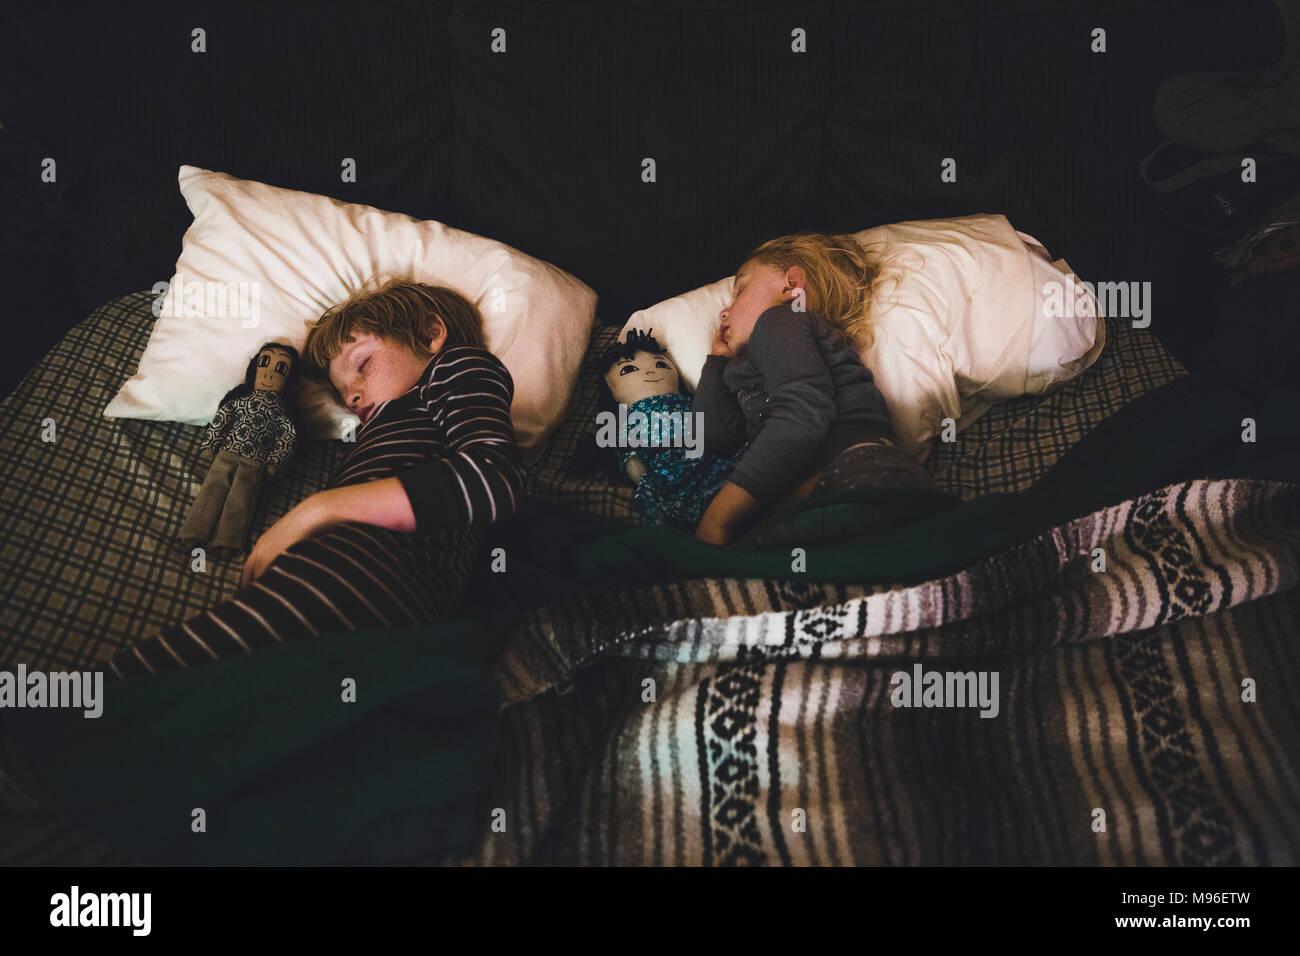 Dos niños con muñecas sentando en la cama Imagen De Stock